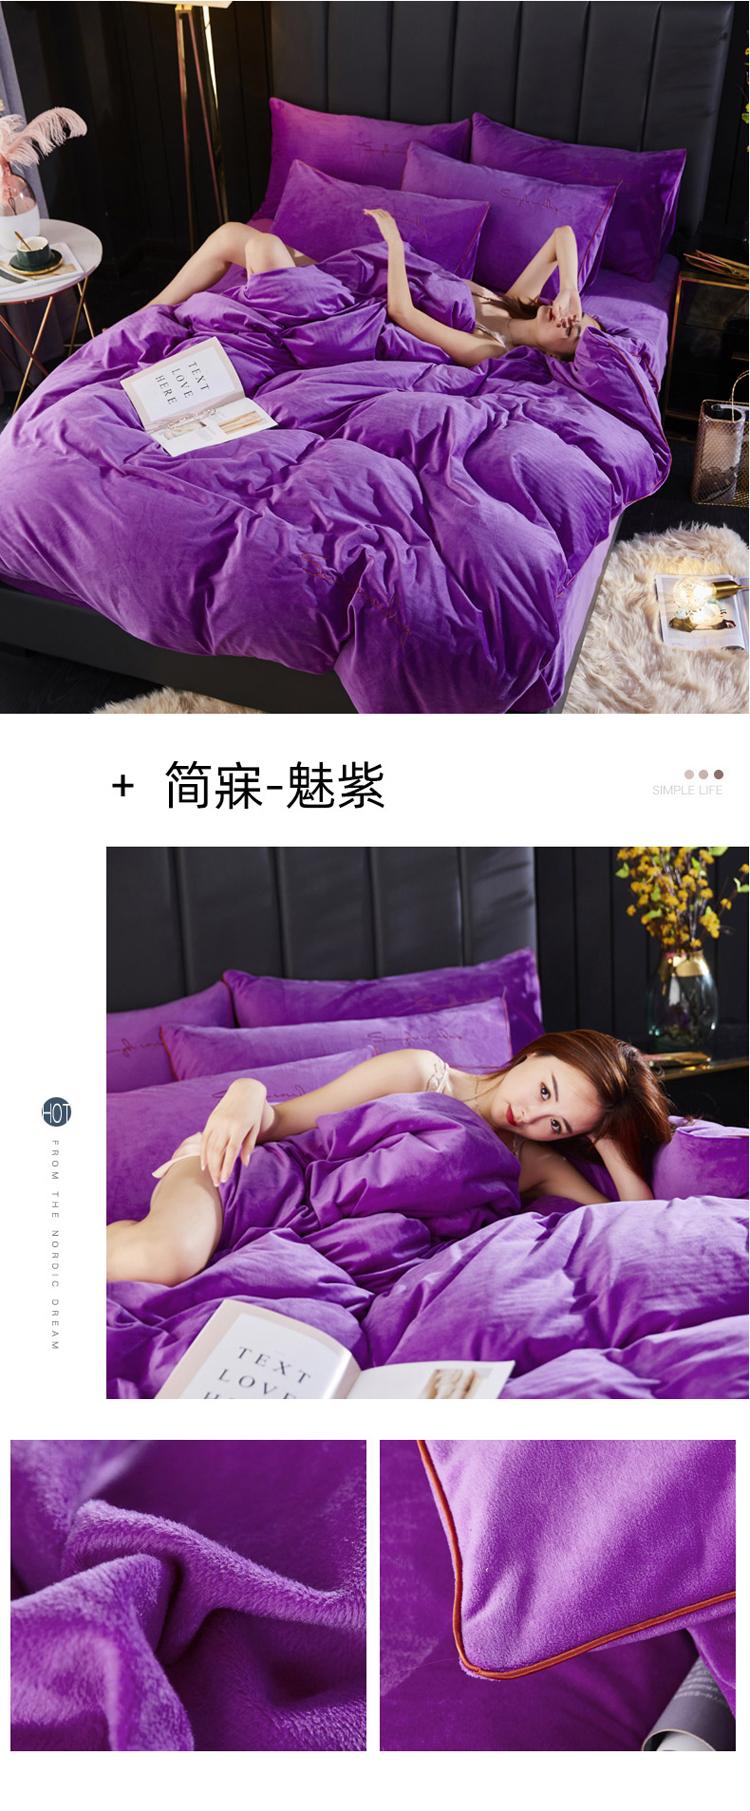 简寐-魅紫.jpg